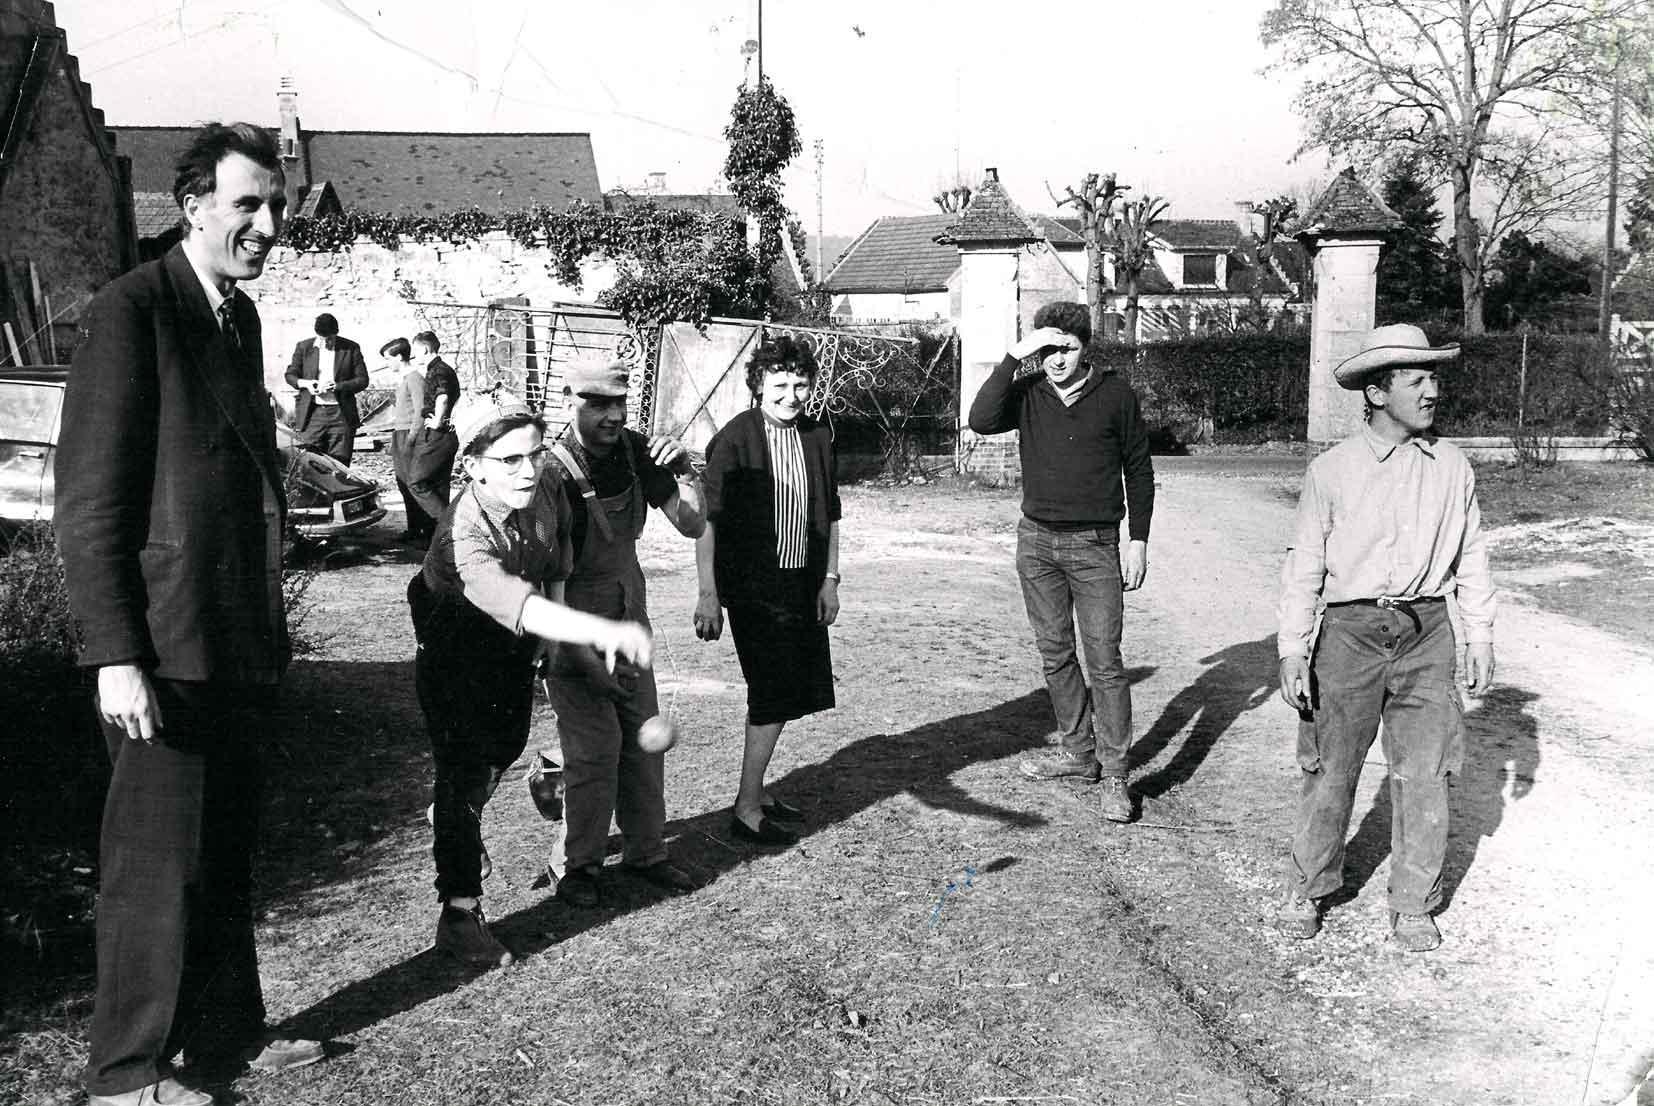 Jean Vanier joue à la pétanque avec des personnes accueillies à Trosly-Breuil (Oise) dans les années 60.